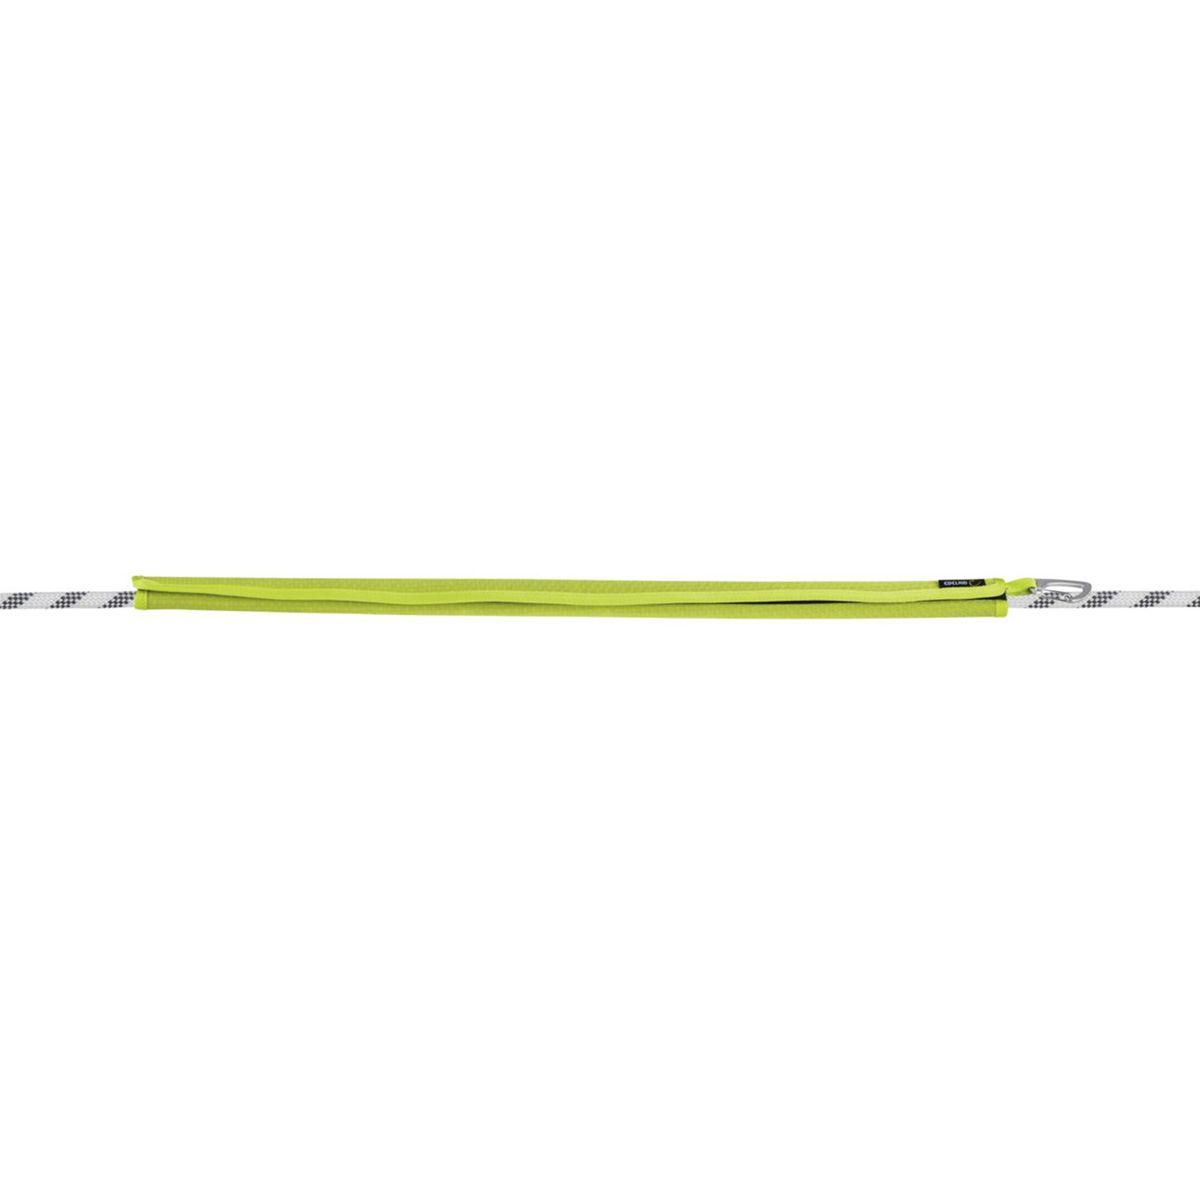 Edelrid touw bescherming met haak 70cm